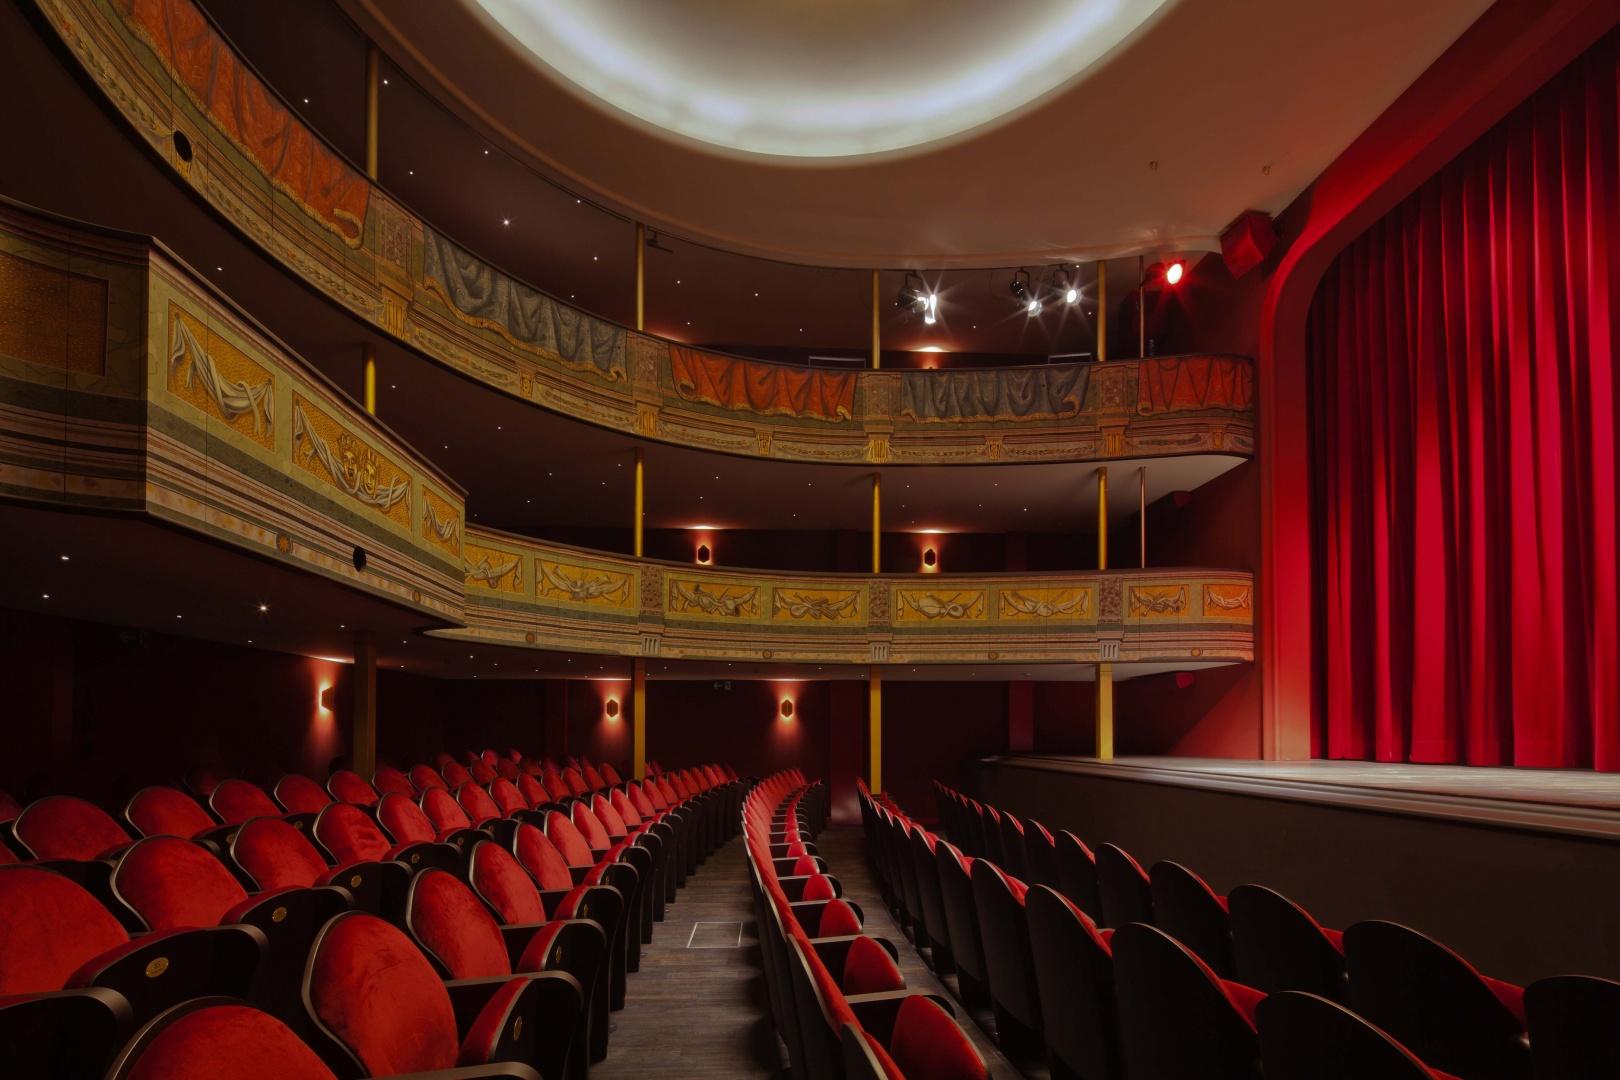 Stadttheater_Theatersaal.jpg © Johannes Iff, St. Urbangasse 1, 4500 Solothurn